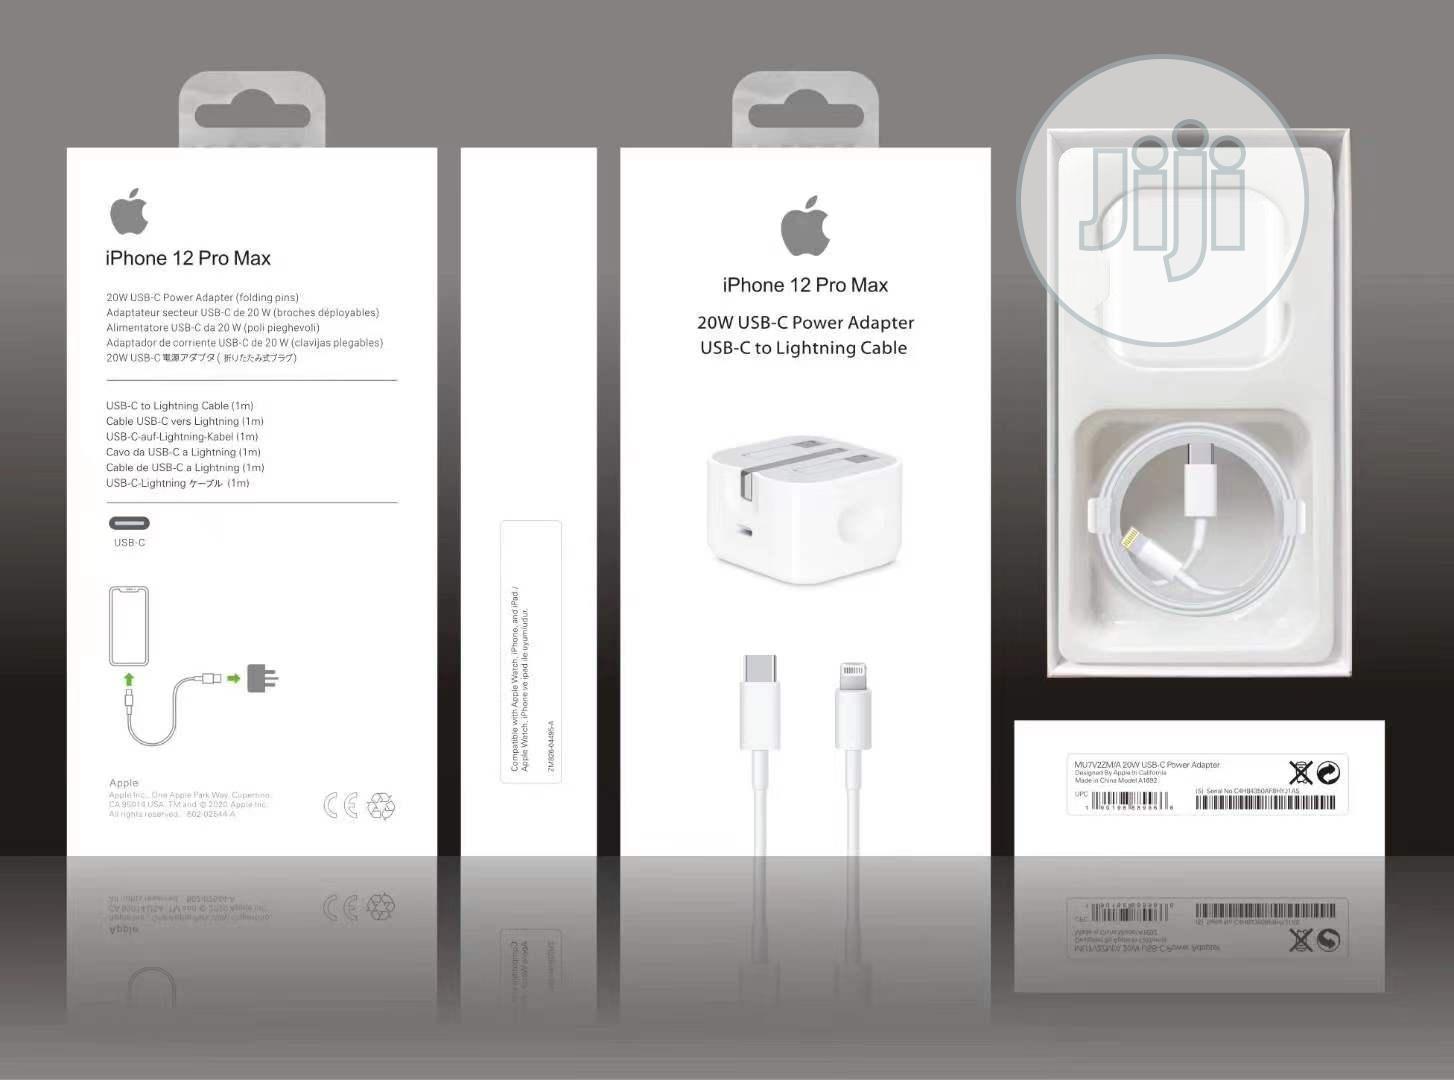 بهترین شارژر برای گوشی آیفون 12